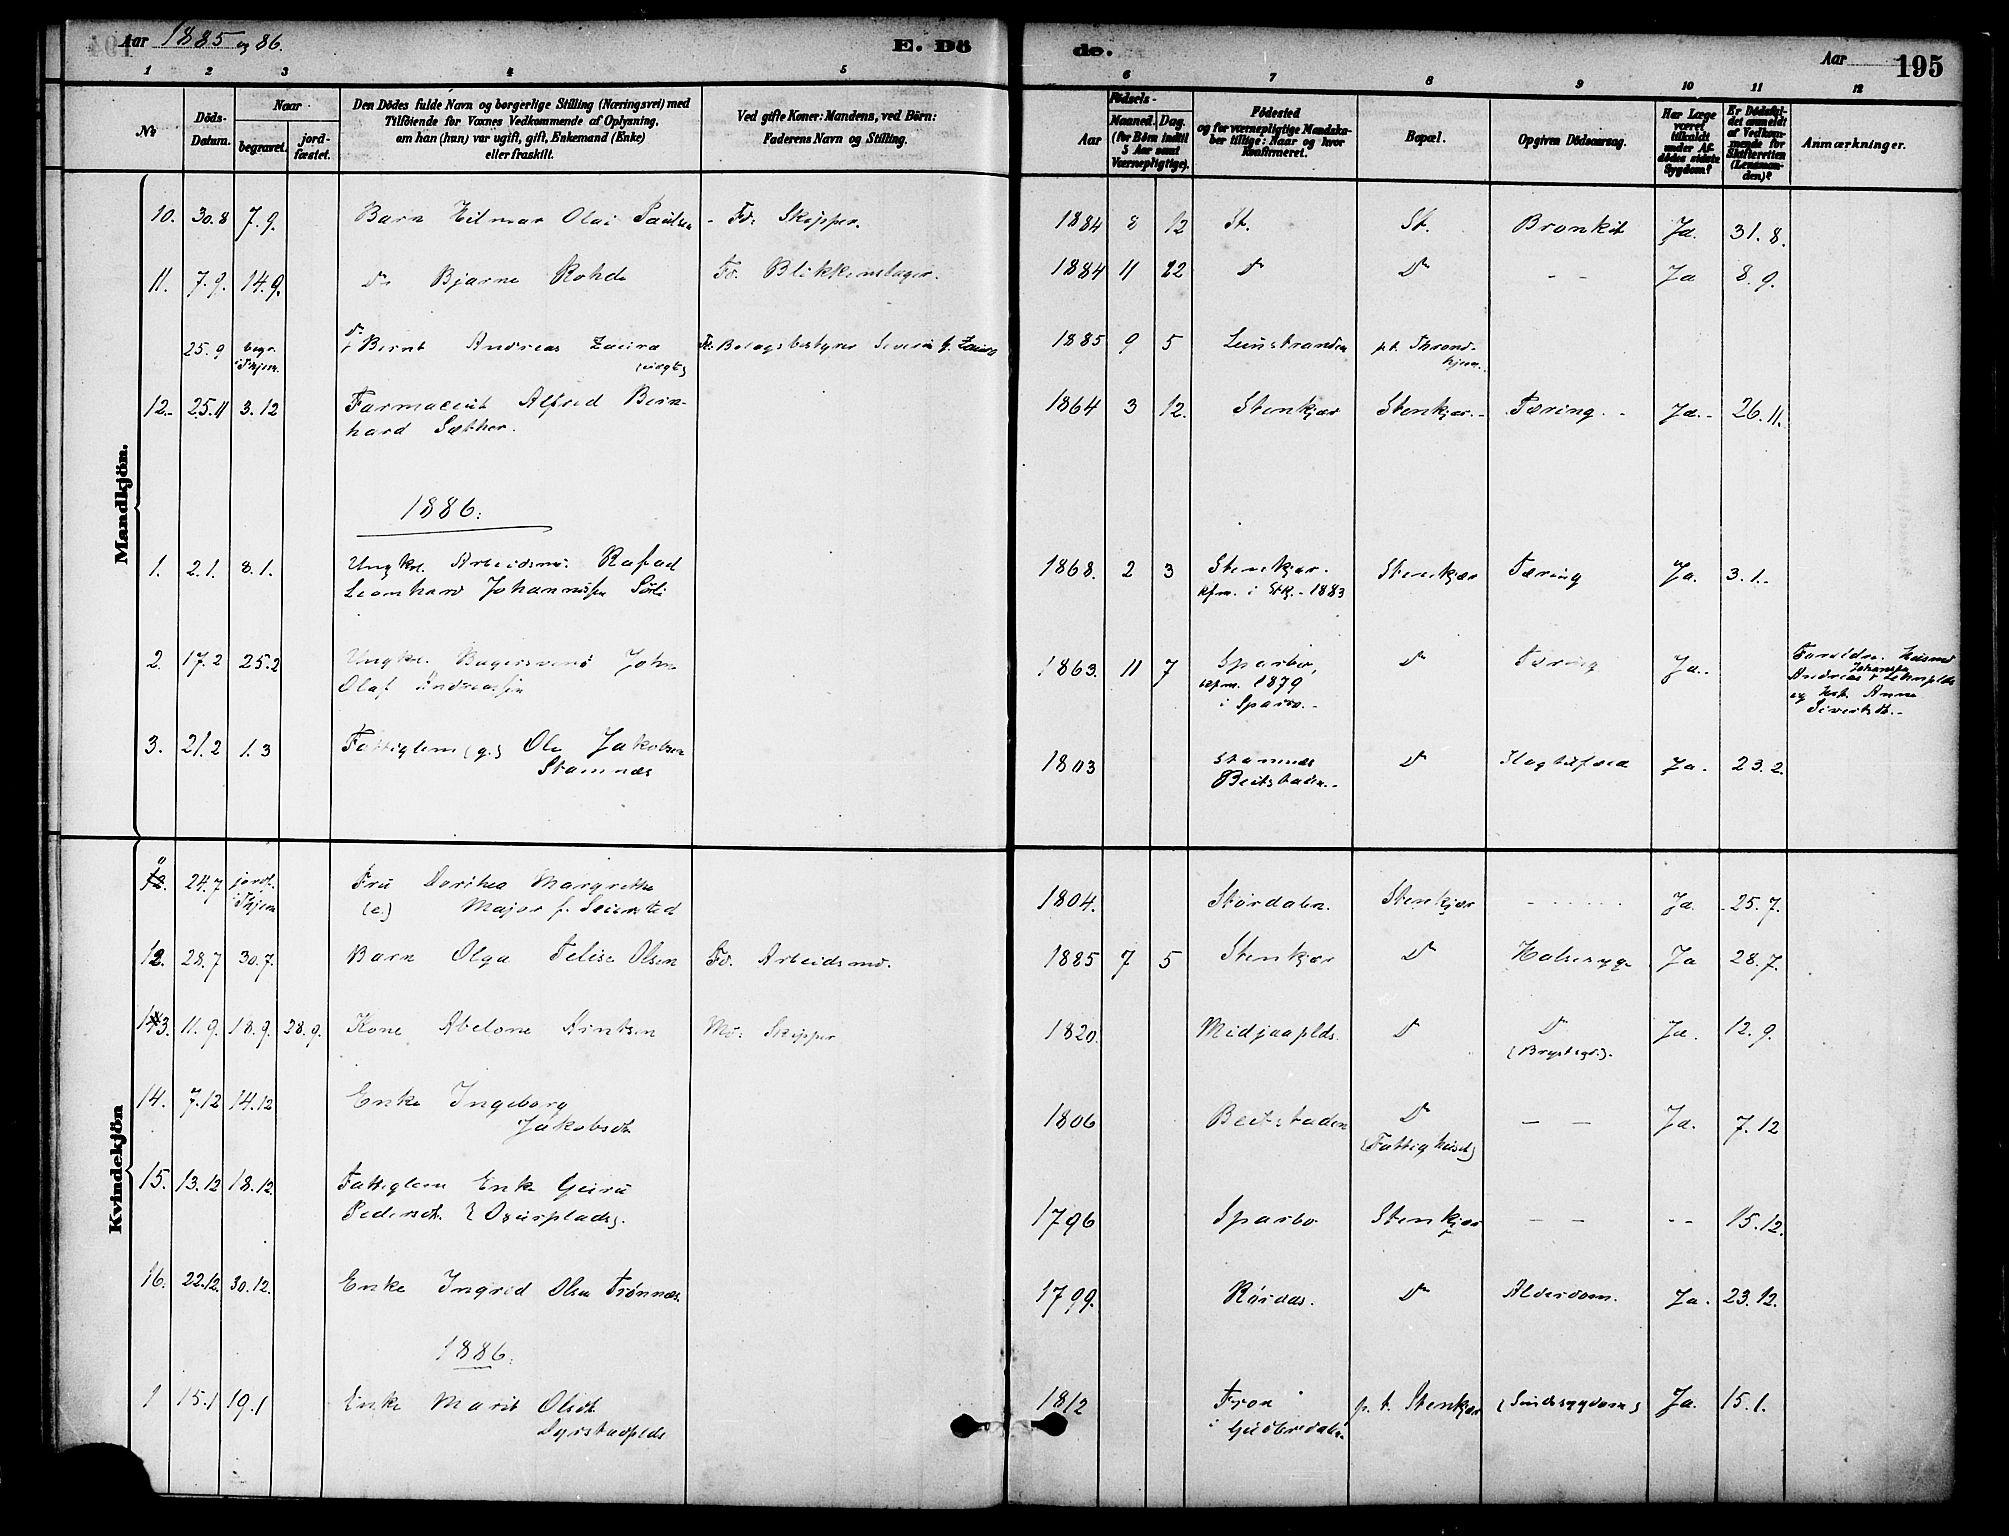 SAT, Ministerialprotokoller, klokkerbøker og fødselsregistre - Nord-Trøndelag, 739/L0371: Ministerialbok nr. 739A03, 1881-1895, s. 195